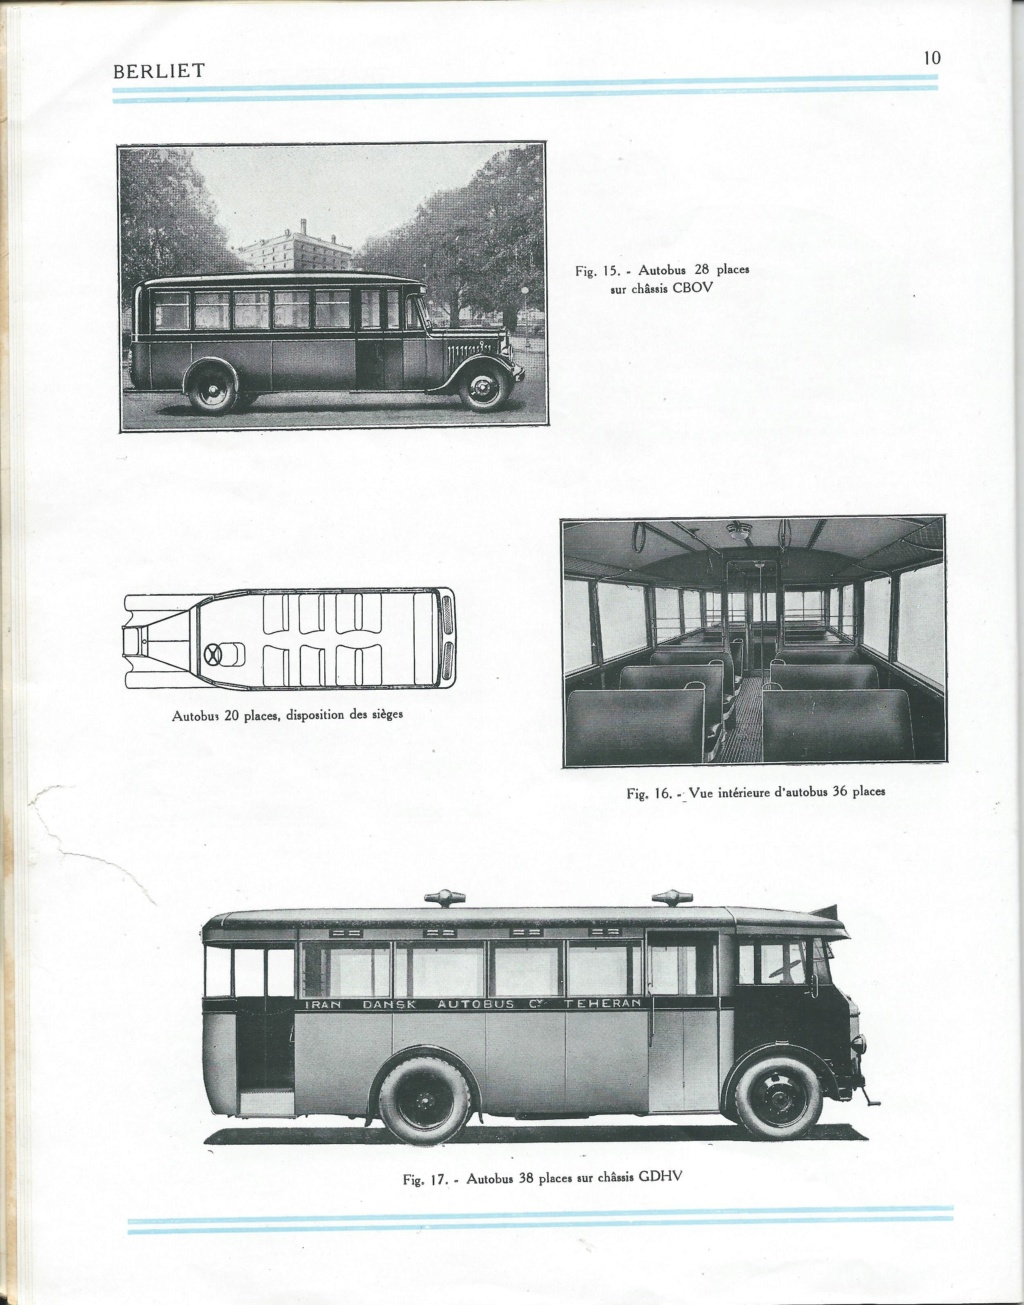 Pub , catalogues et livres sur BERLIET - Page 3 Berlie55